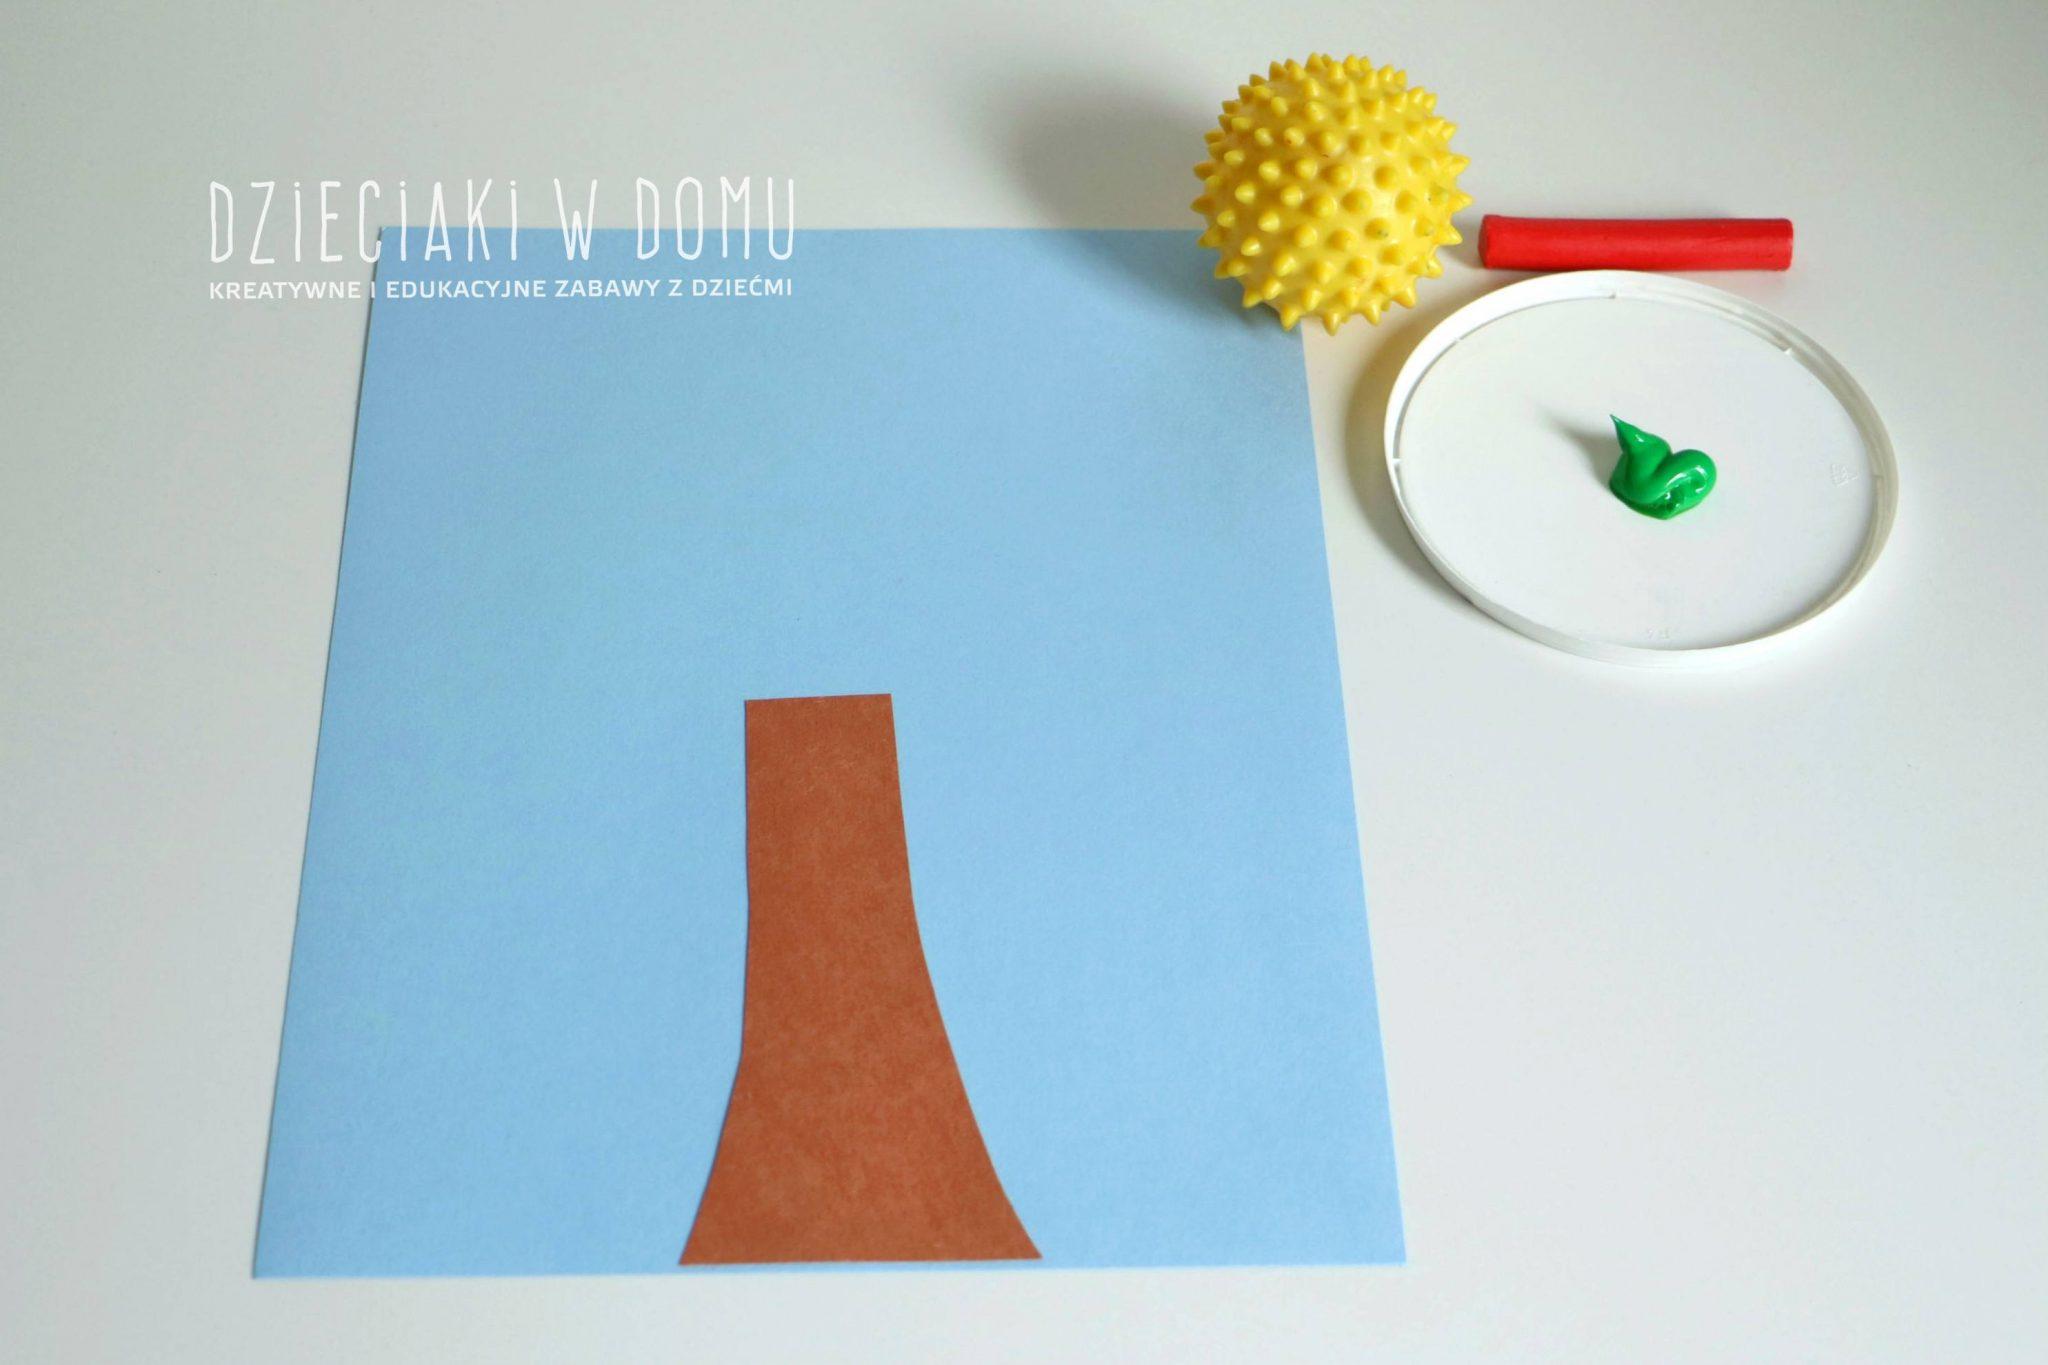 jabonka malowana pieczk - praca plastyczna dla dzieci